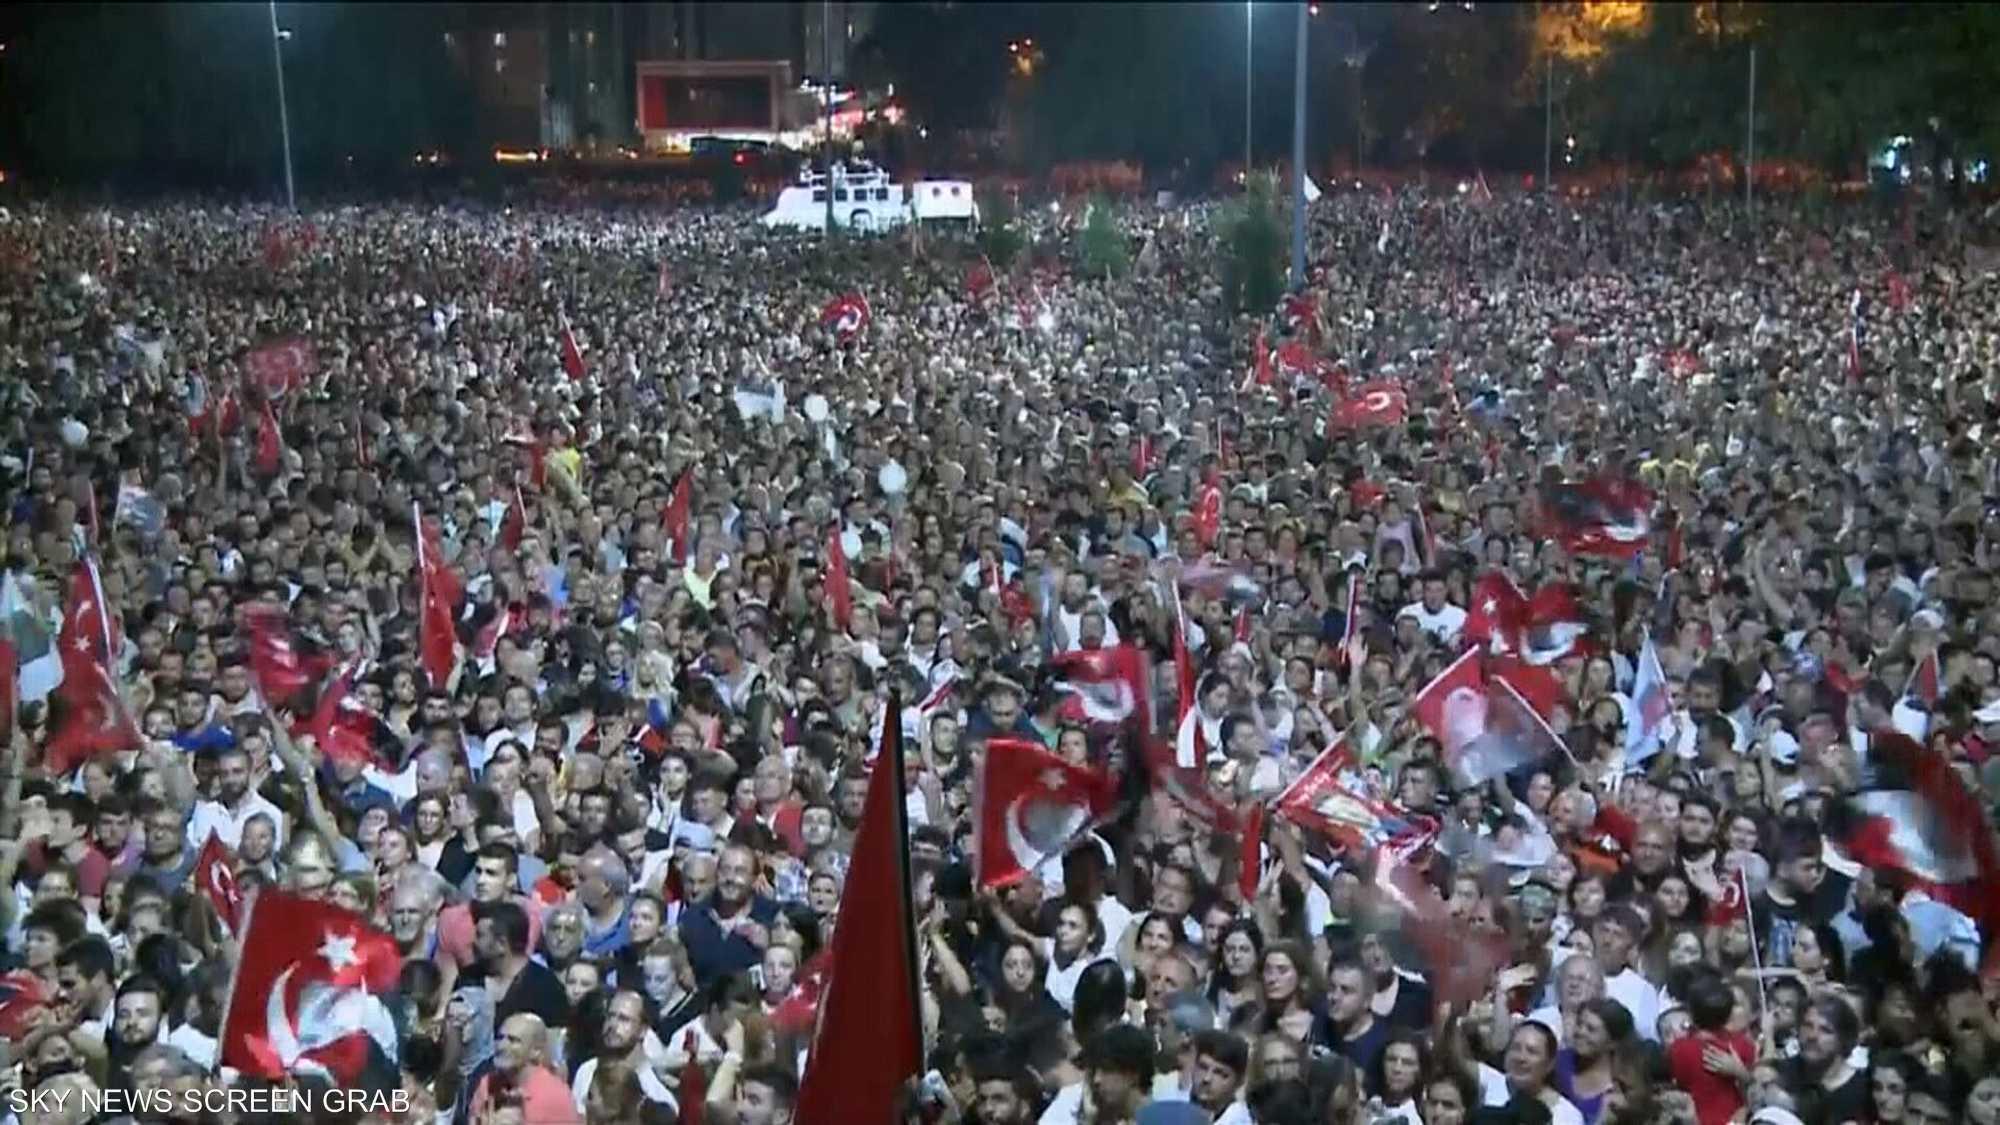 إسطنبول.. اليوم الأول بعد خسارة أردوغان الثانية